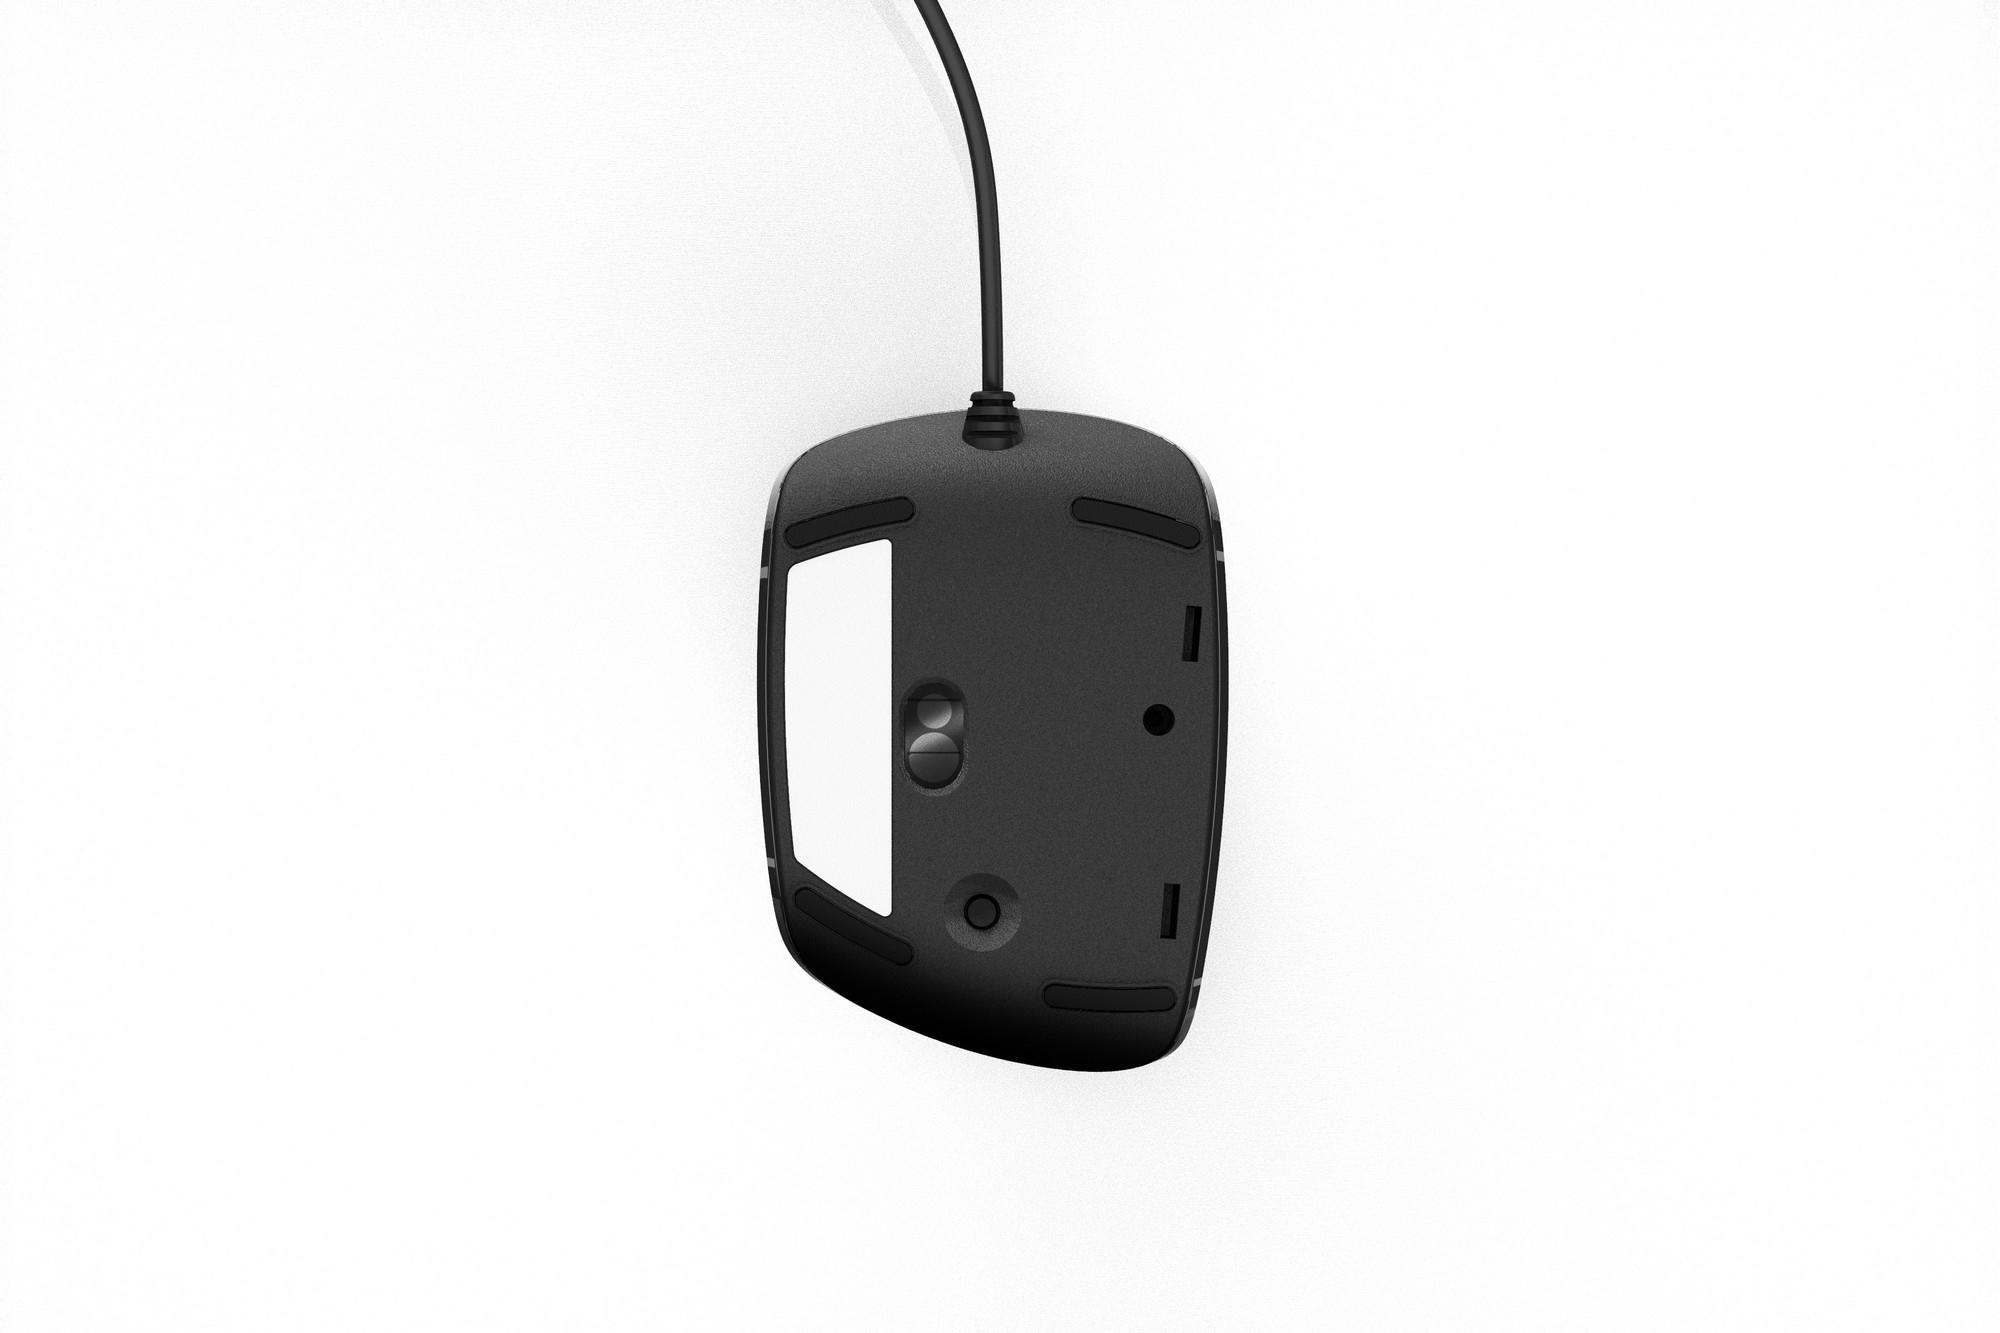 Penclic D2 USB 2400DPI Nero mouse